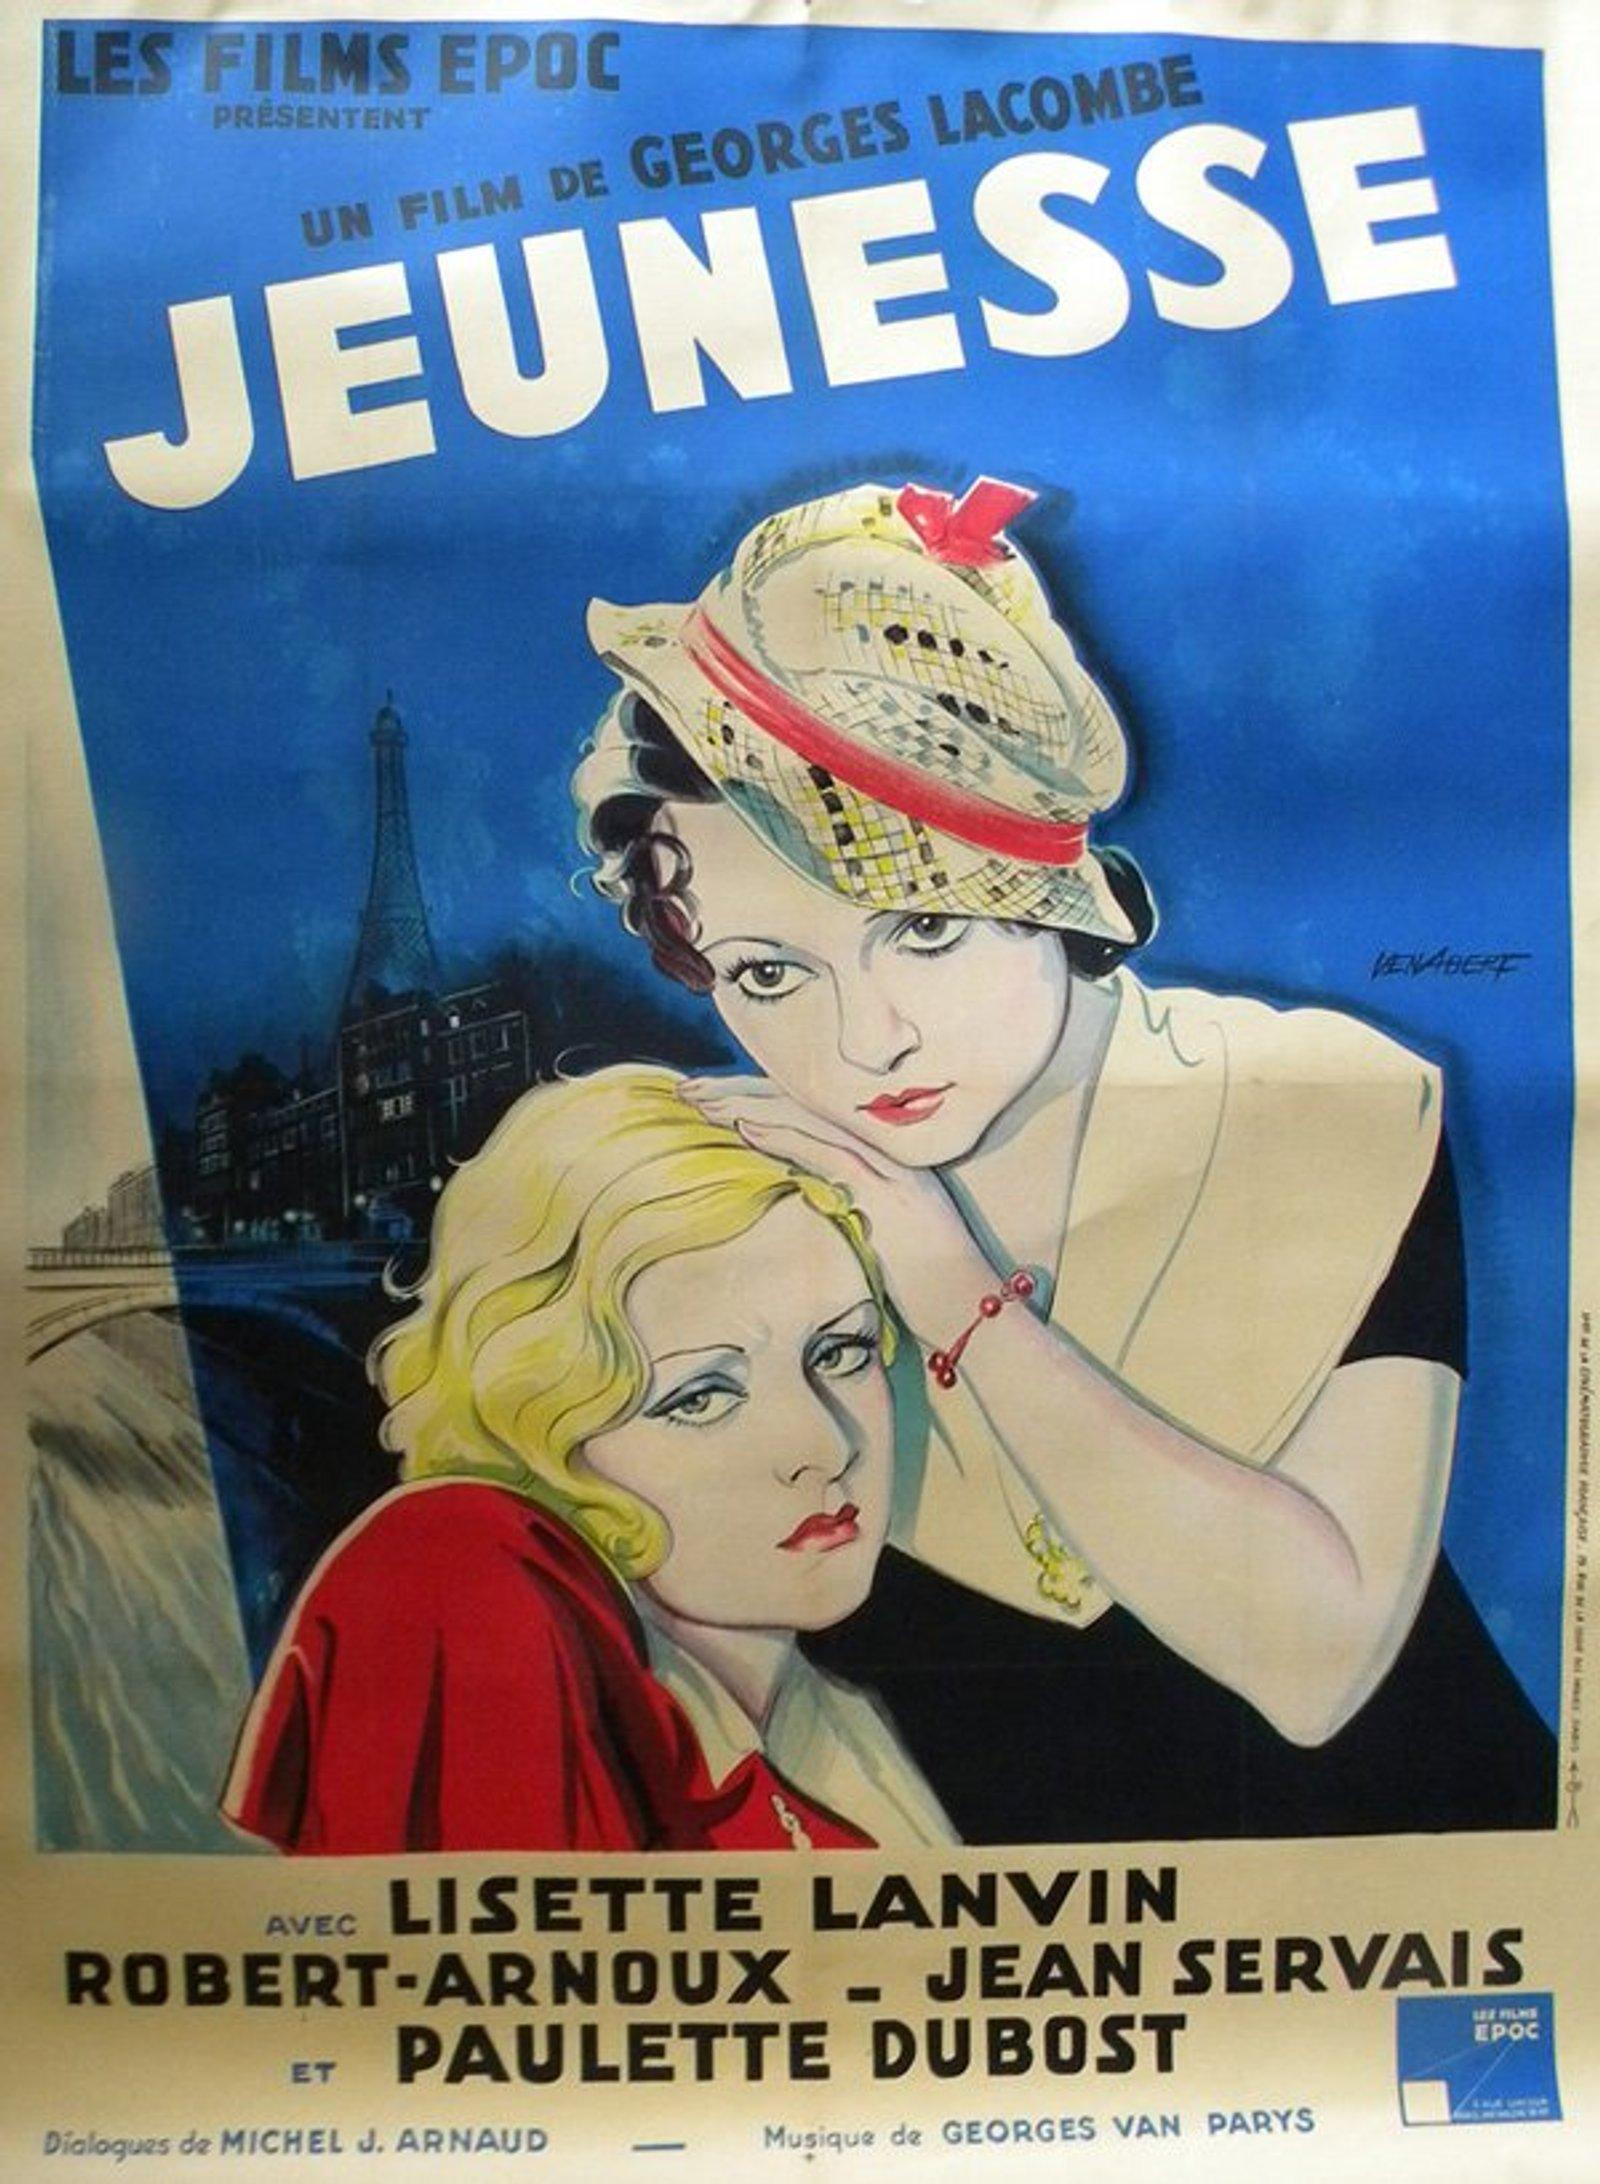 Jeunesse (1934)